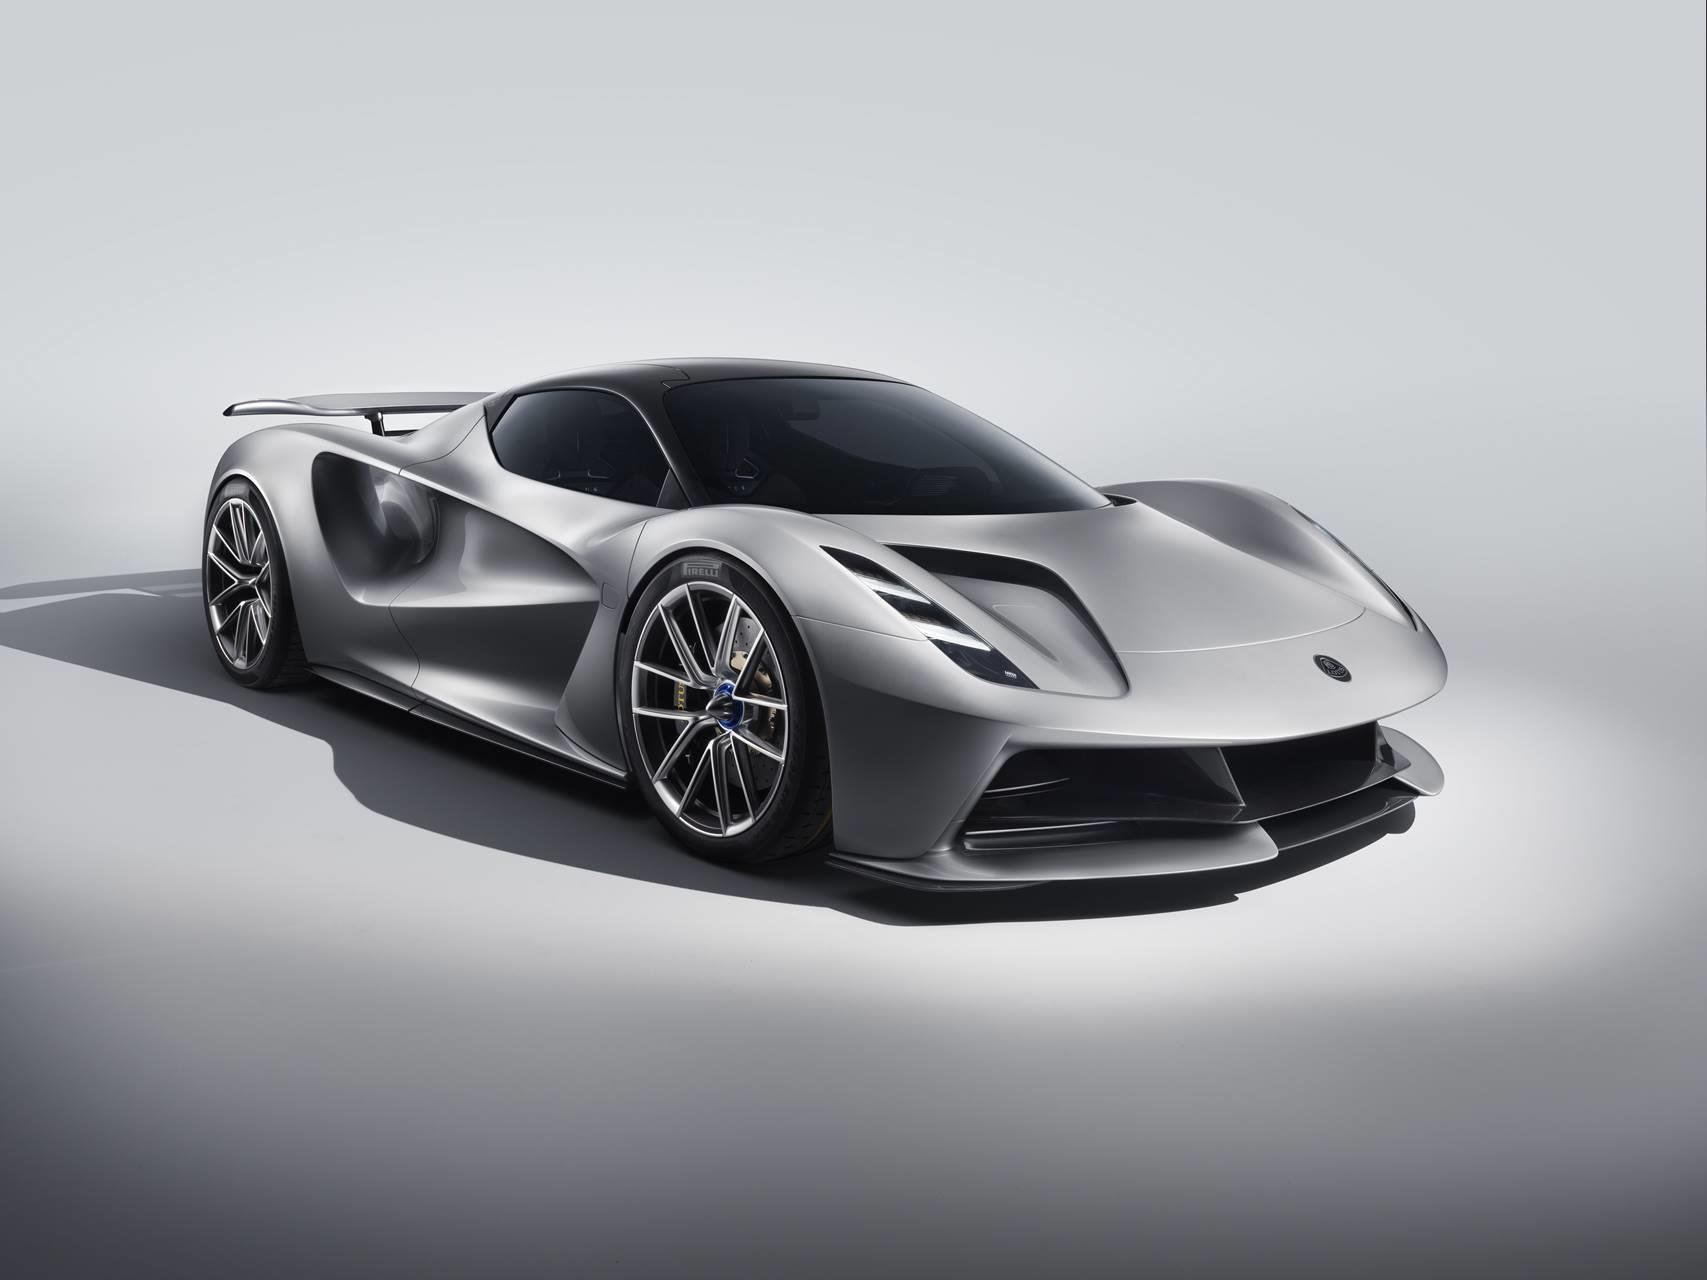 2019 Lotus Evija